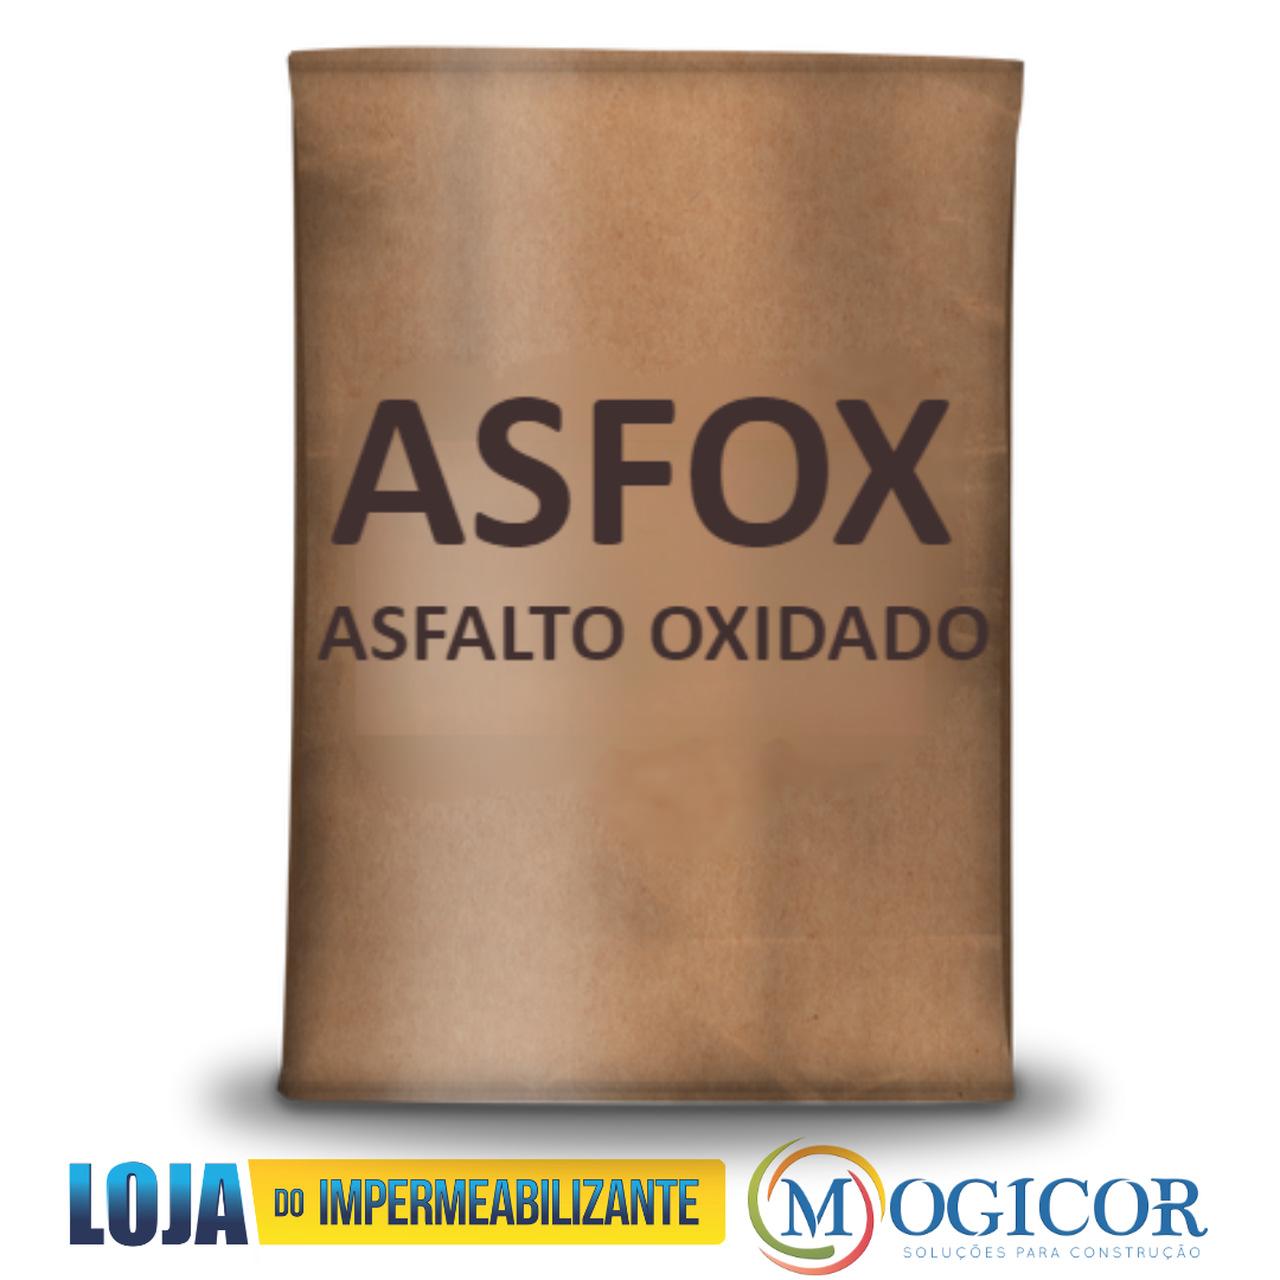 Bloco de Asfalto Oxidado Asfox Impermeabilizante - 20kg Saco Dryko